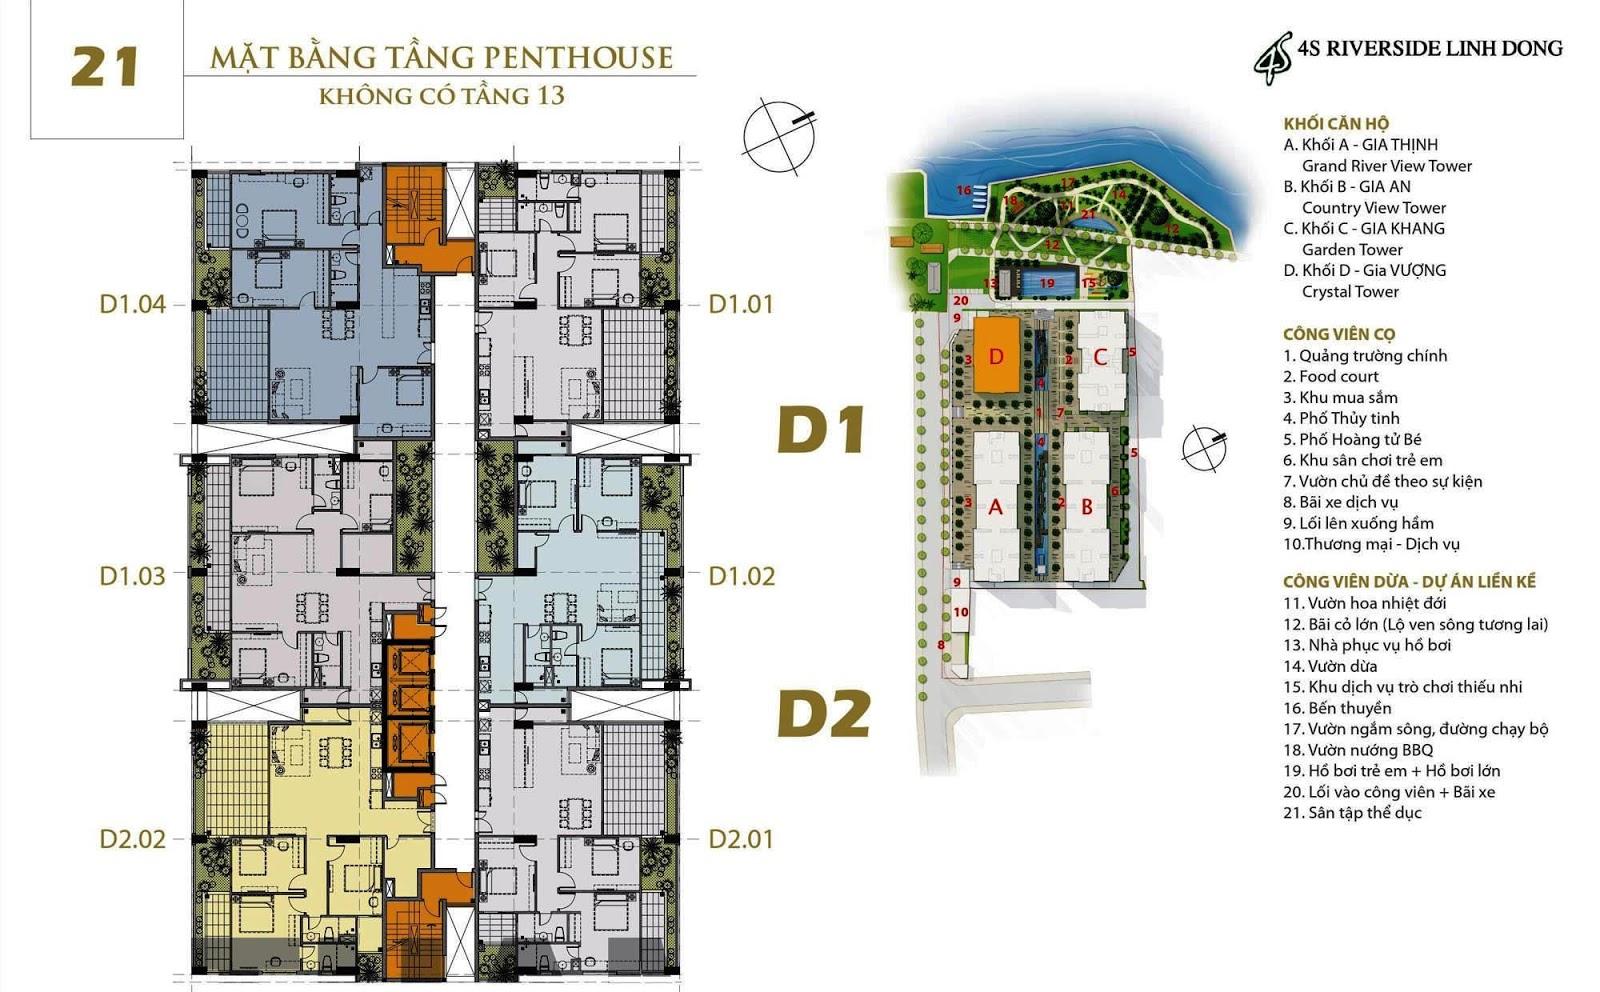 Mặt bằng dự án căn hộ 4S Linh Đông Block D Gia Vượng tầng 21